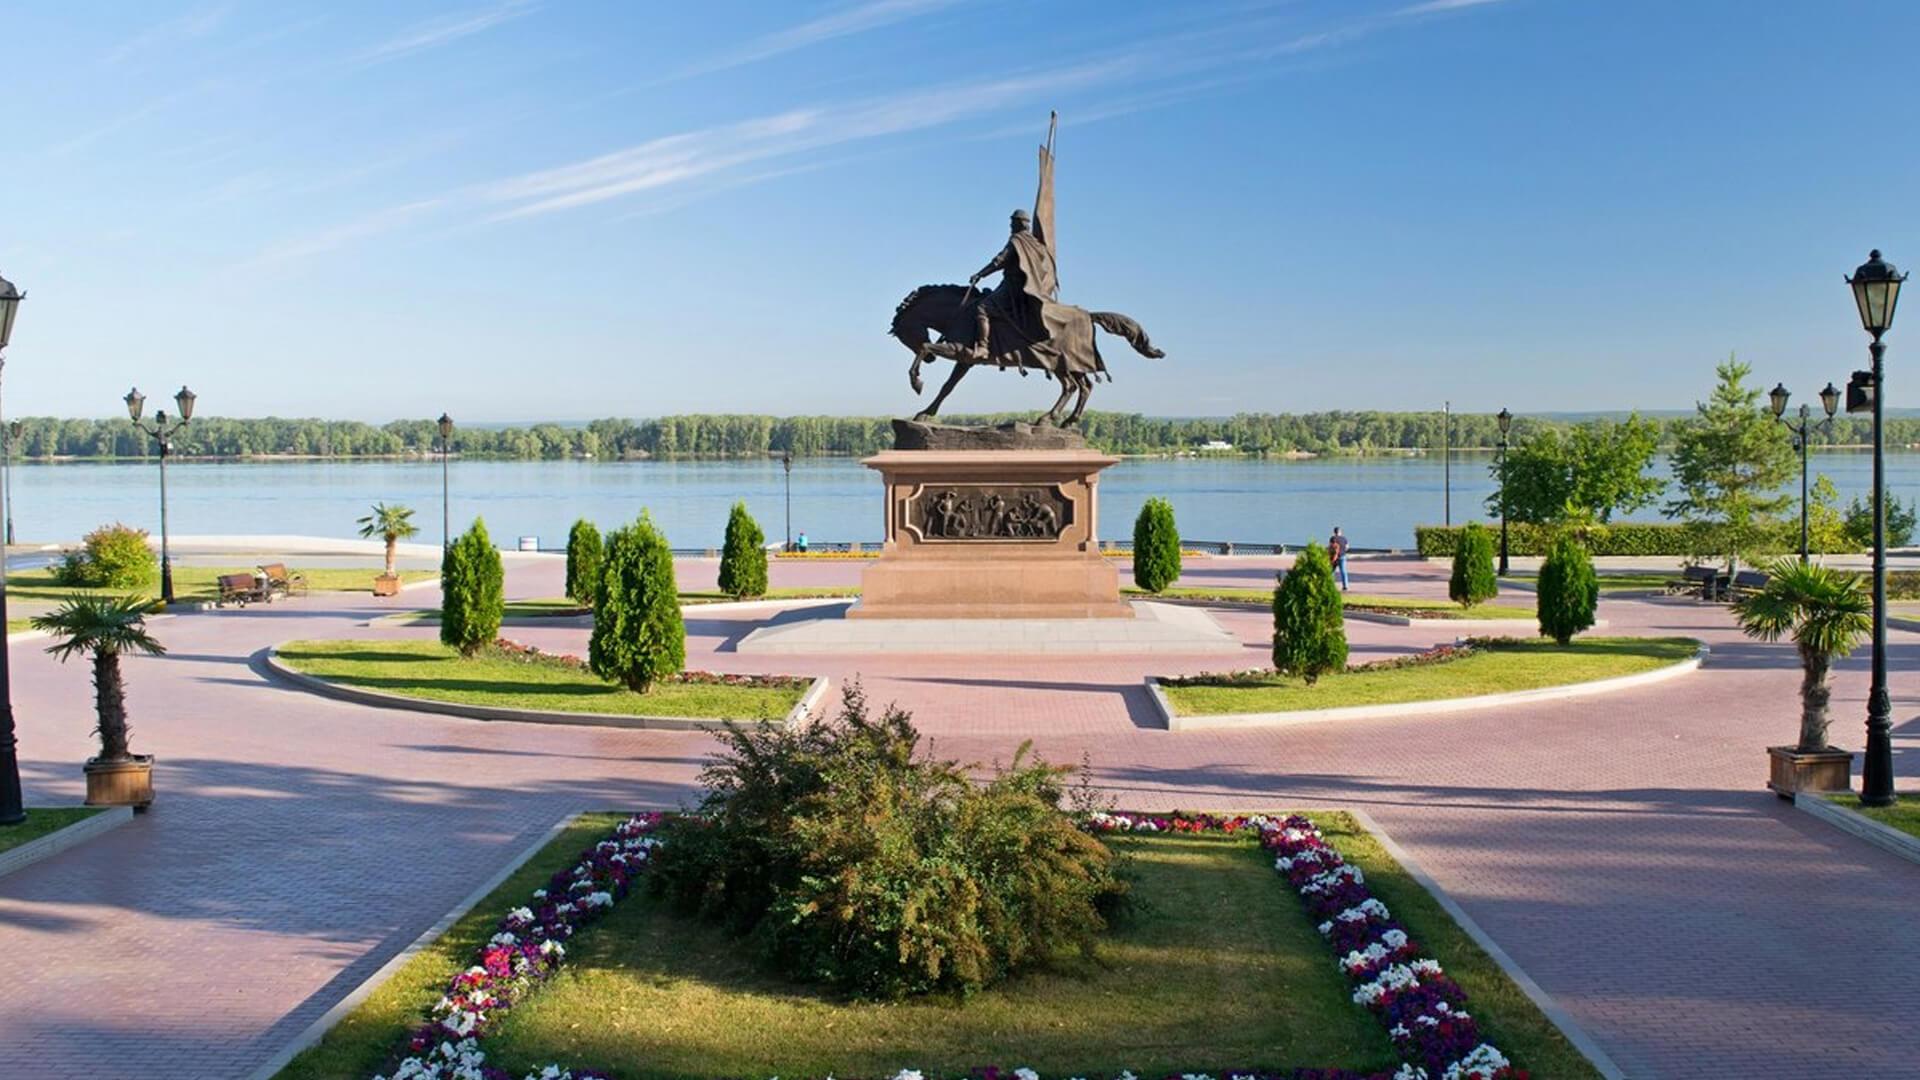 16 октября лучшего водителя такси выберут в Самарской области: анонс